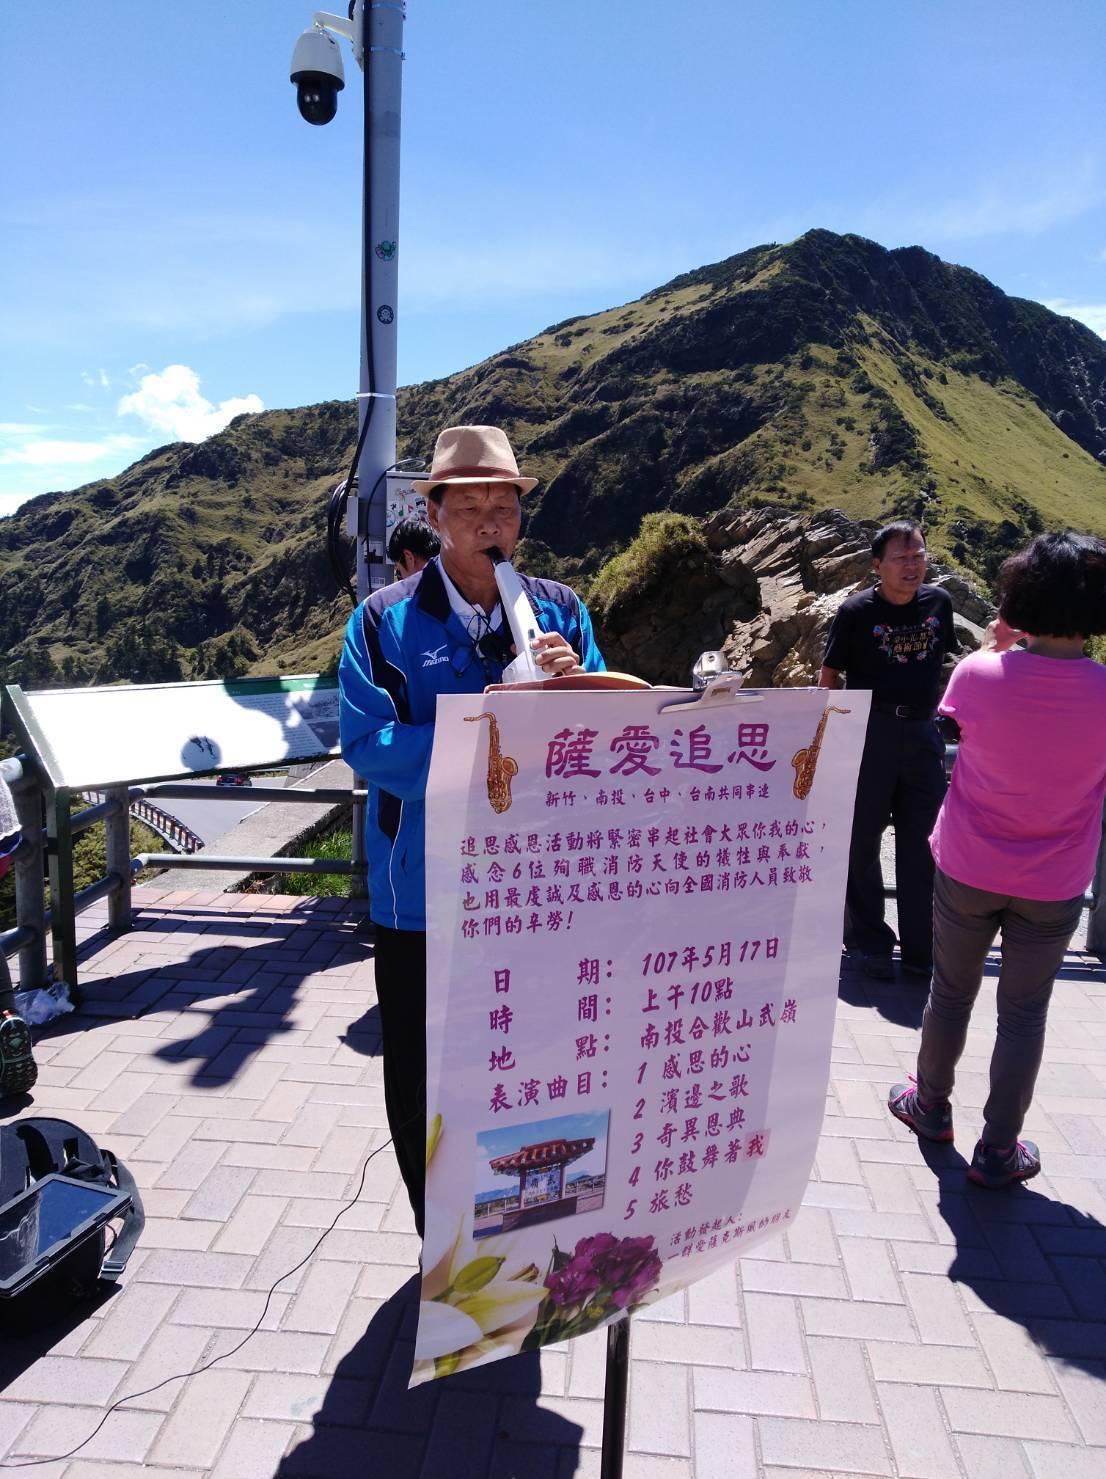 民間發起在武嶺吹薩克斯風( 白色最新型)悼念去世的消防員 圖林志榮/提供